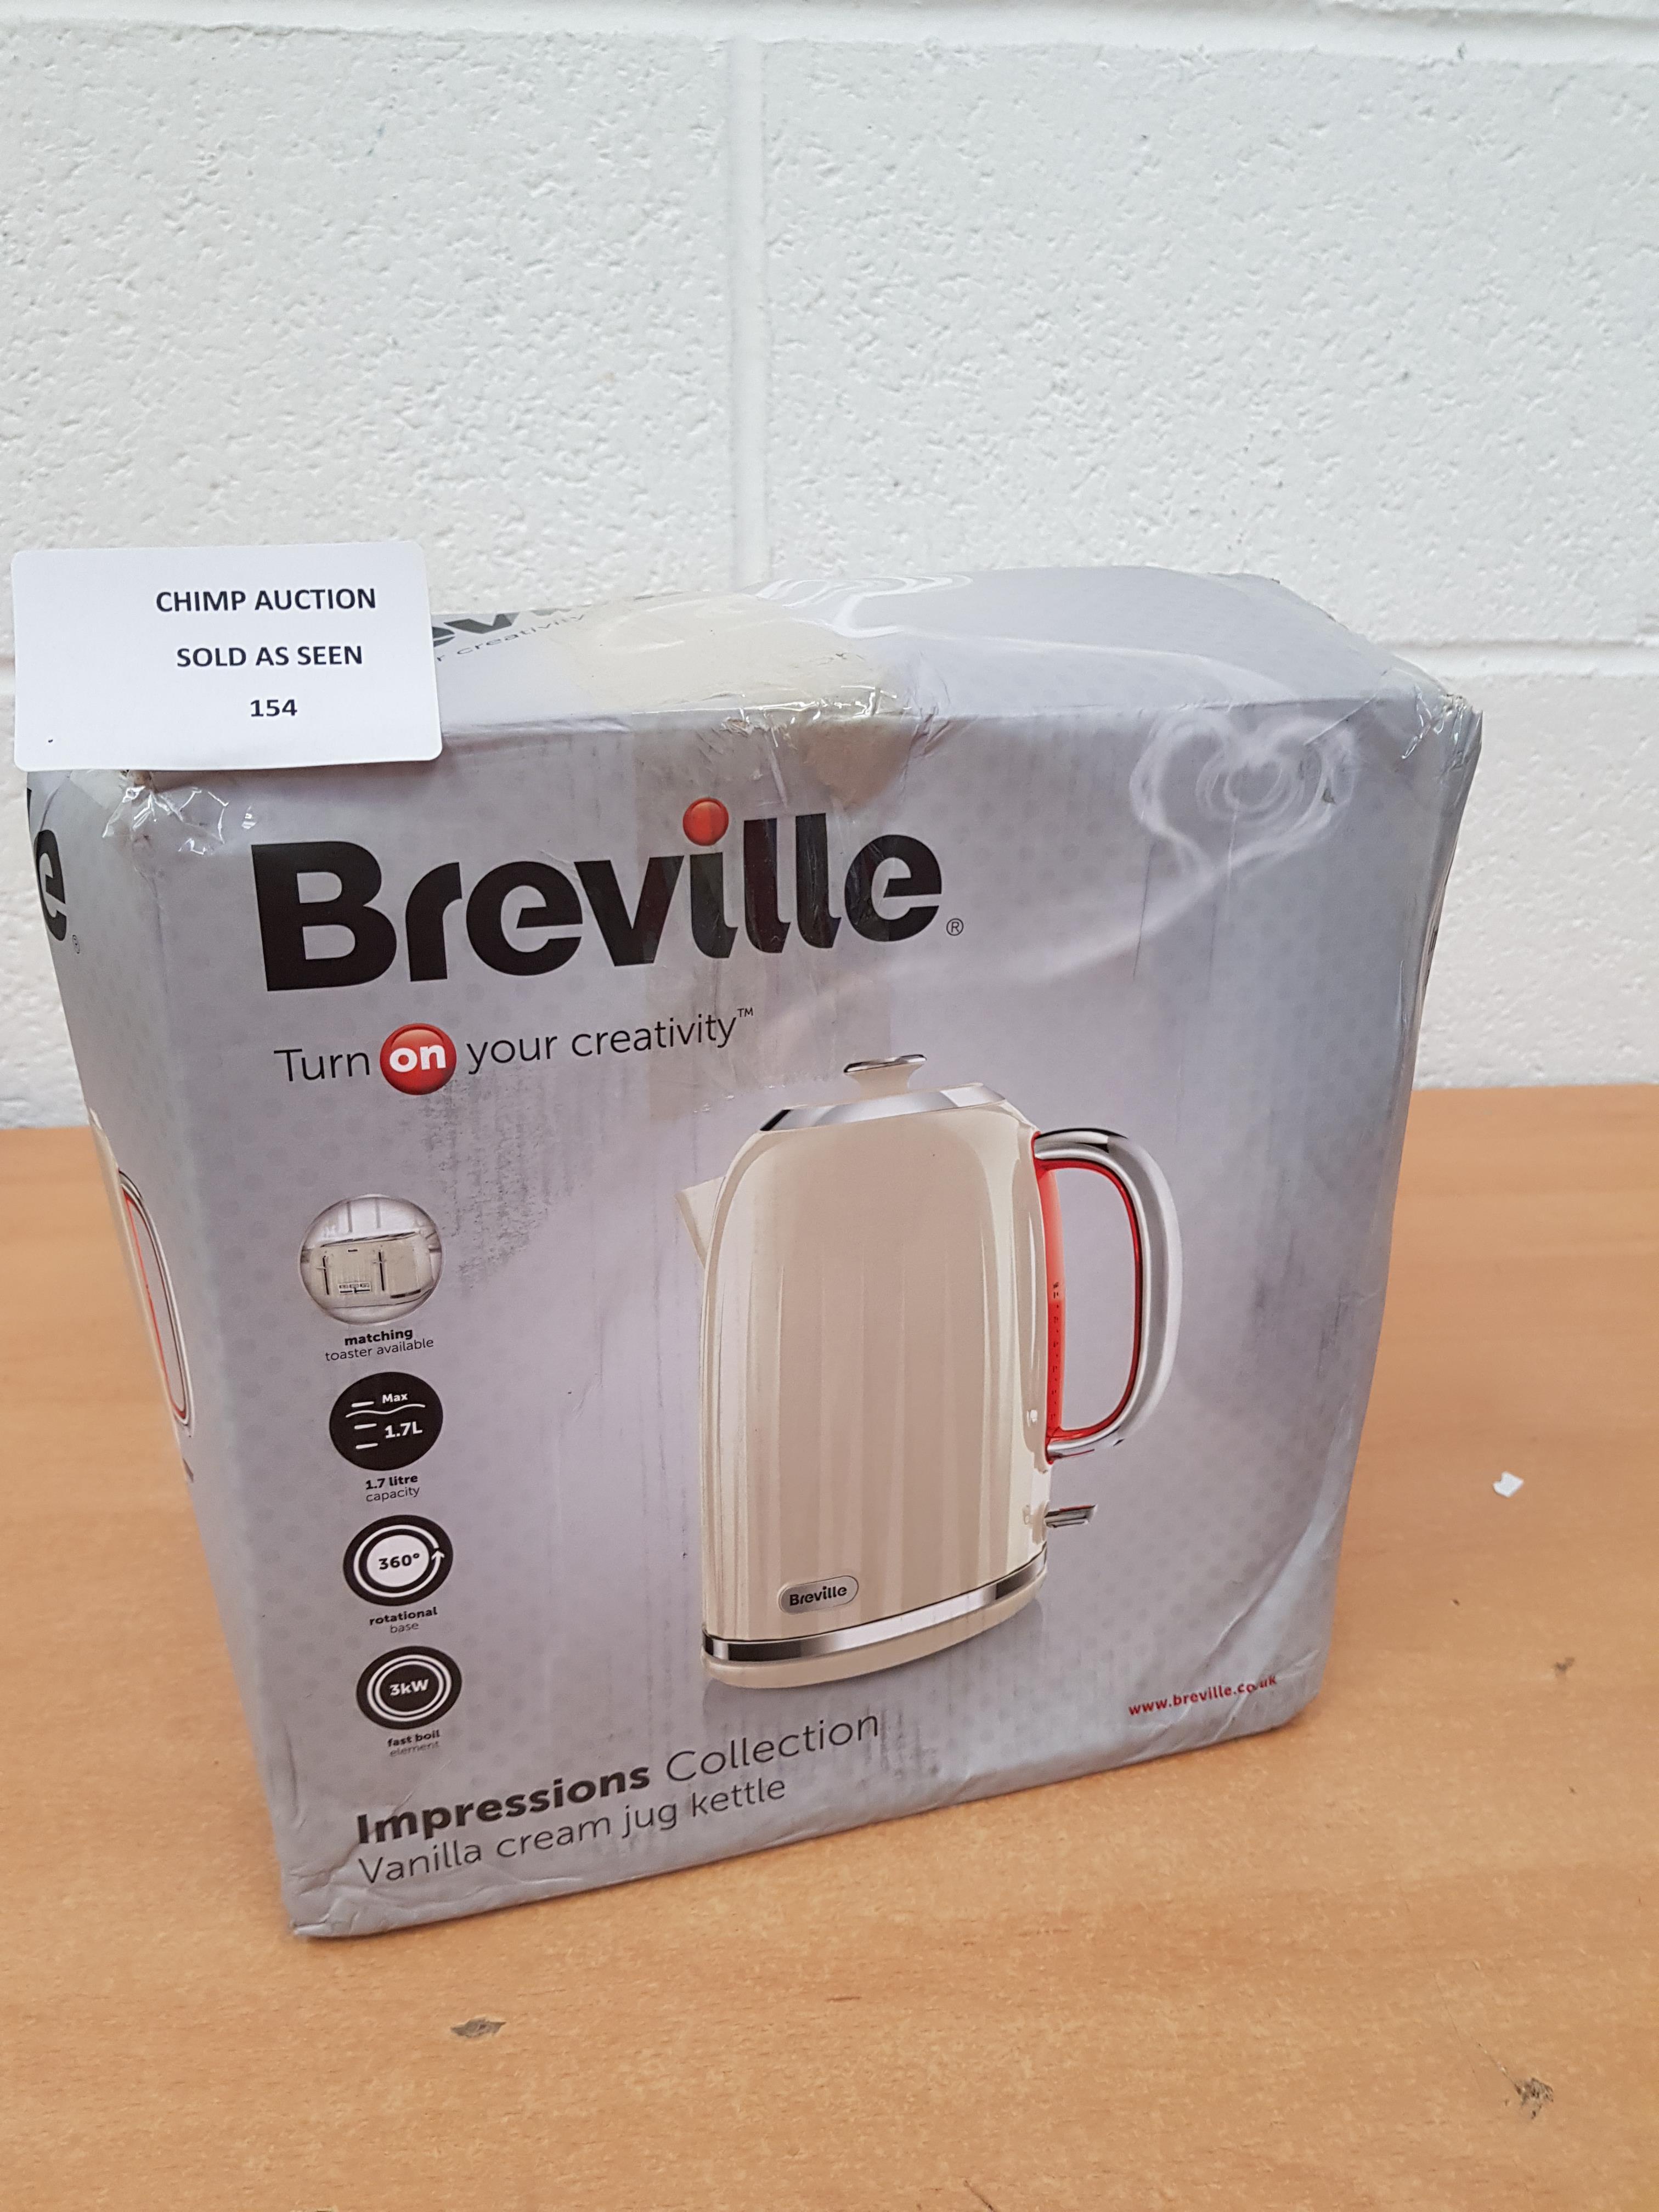 Lot 154 - Breville Impressions Jug Kettle